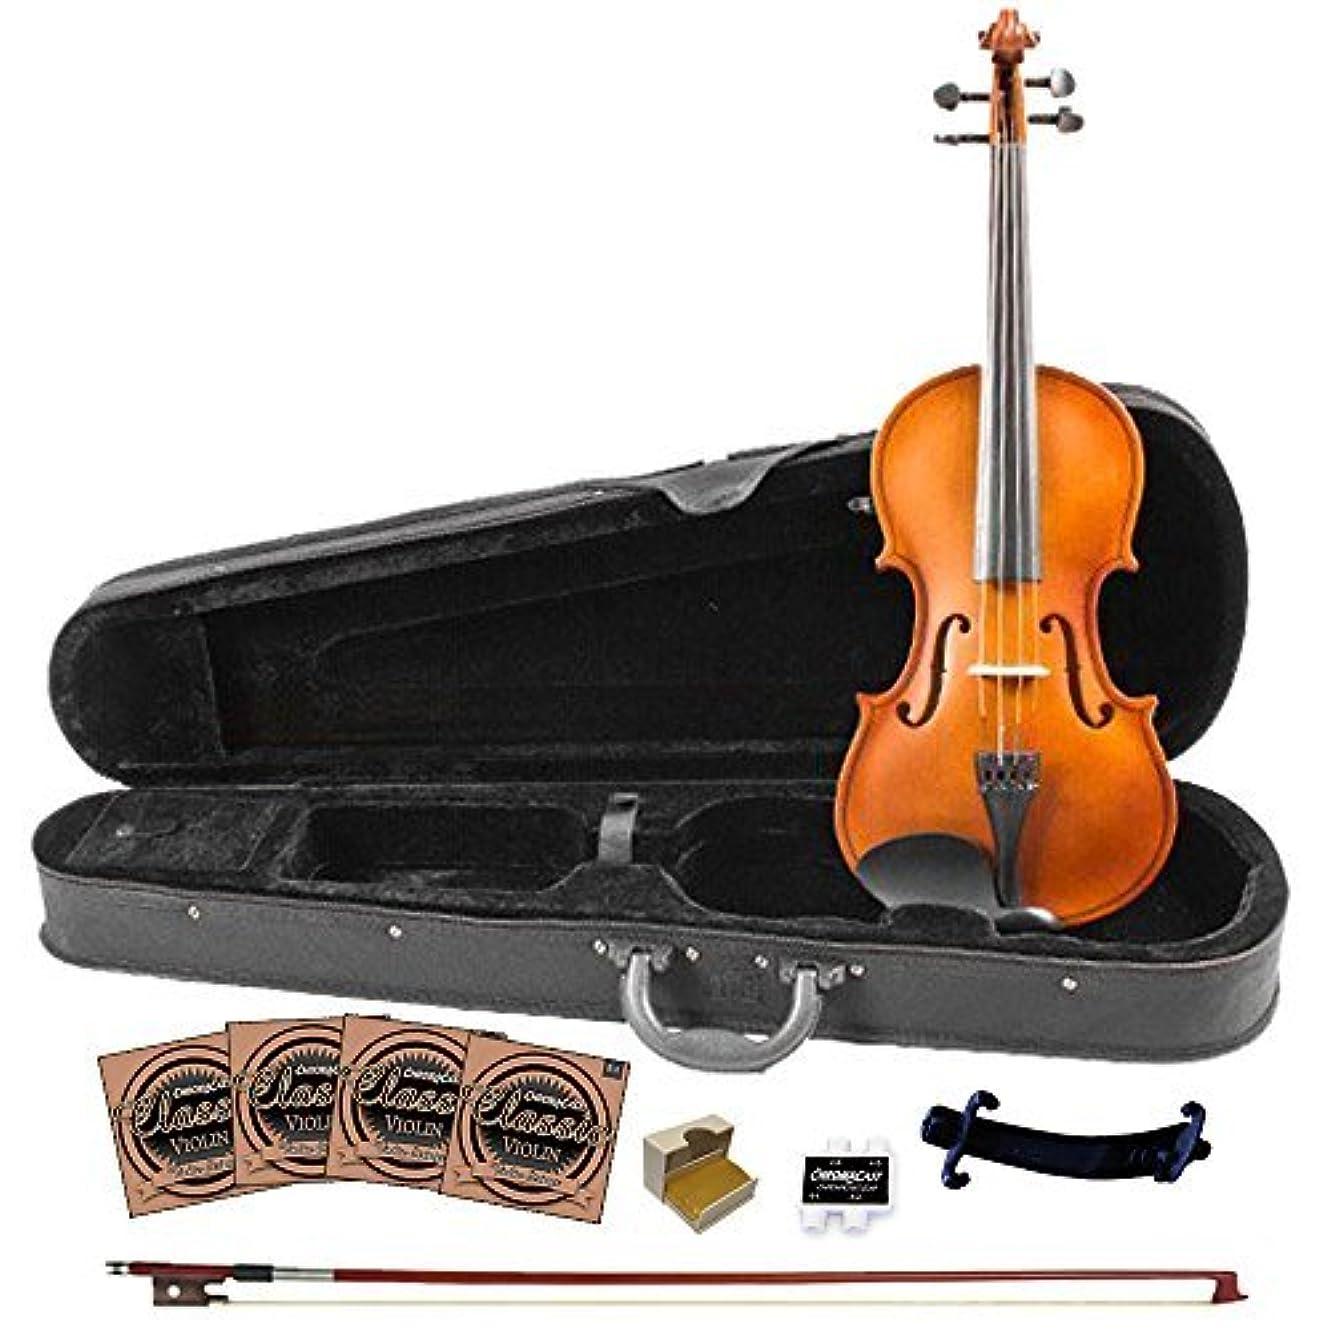 ドナウ川乱雑な受粉者Rise by Sawtooth ST-RISE-VFLAME Beginner'S Violin Full Size [並行輸入品]